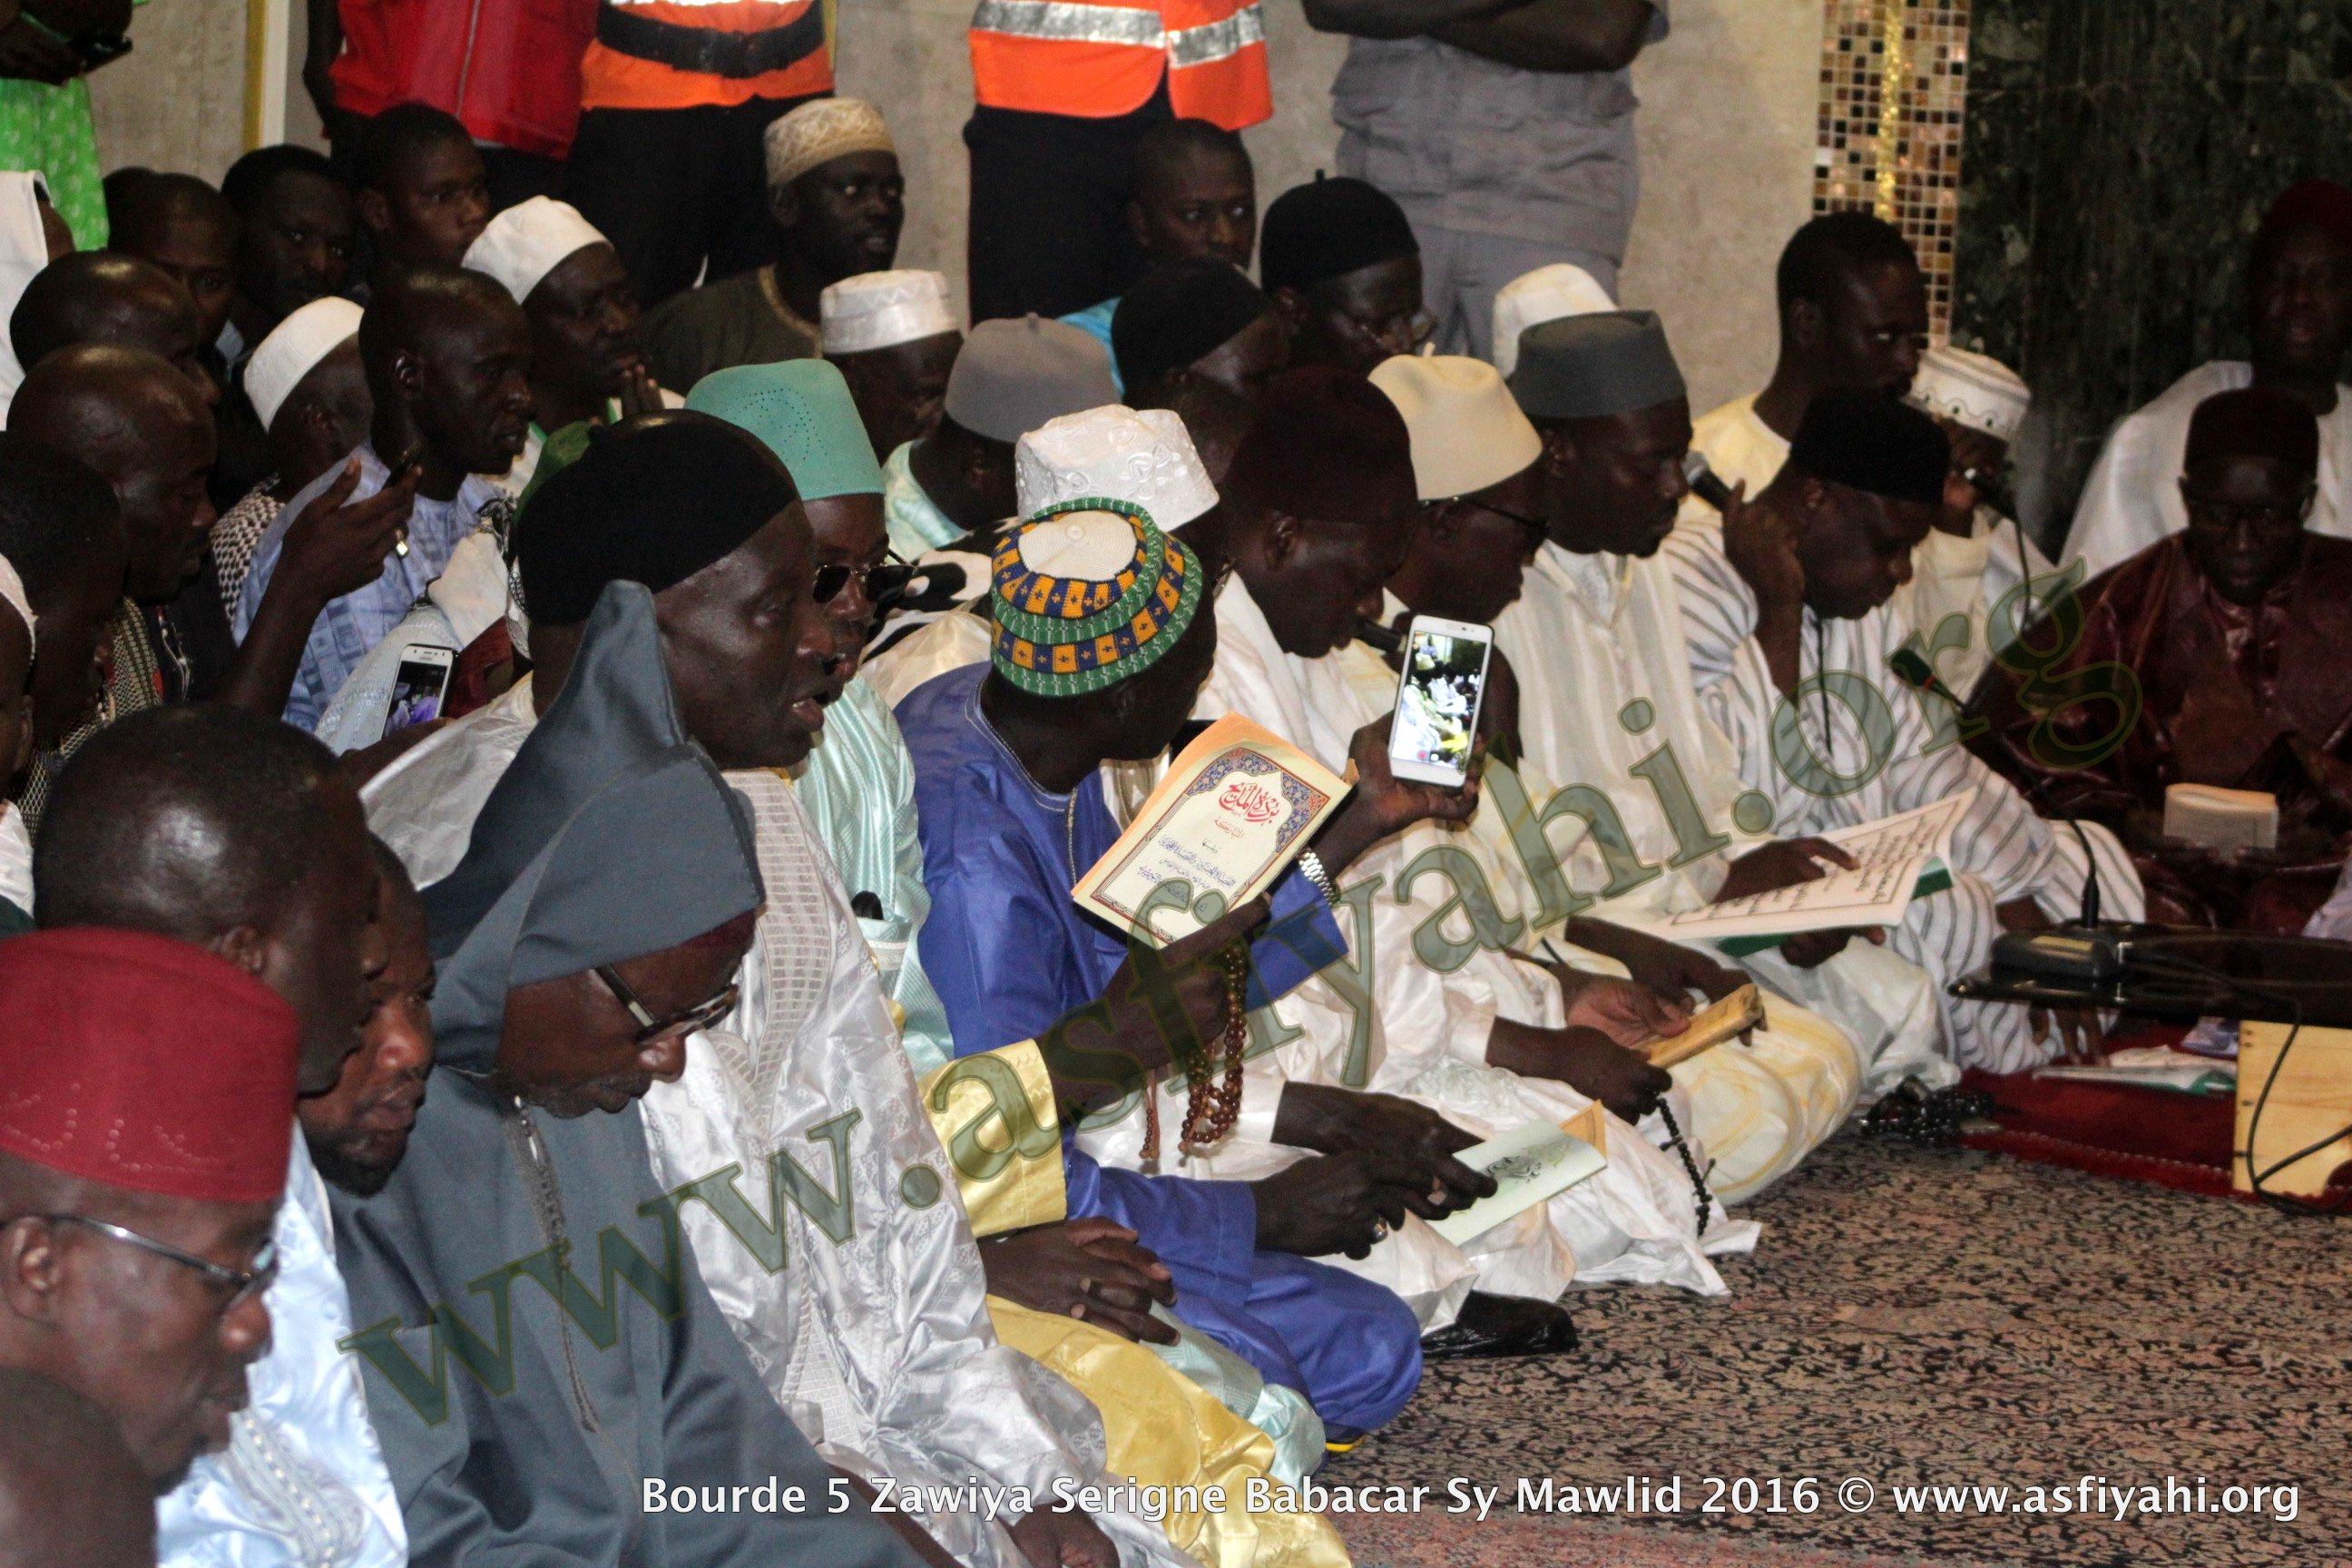 PHOTOS - BURD GAMOU TIVAOUANE 2016 - Les Images de la Nuit du DImanche 4 Decembre 2016 à la Mosquée Serigne Babacar SY (rta) de Tivaouane